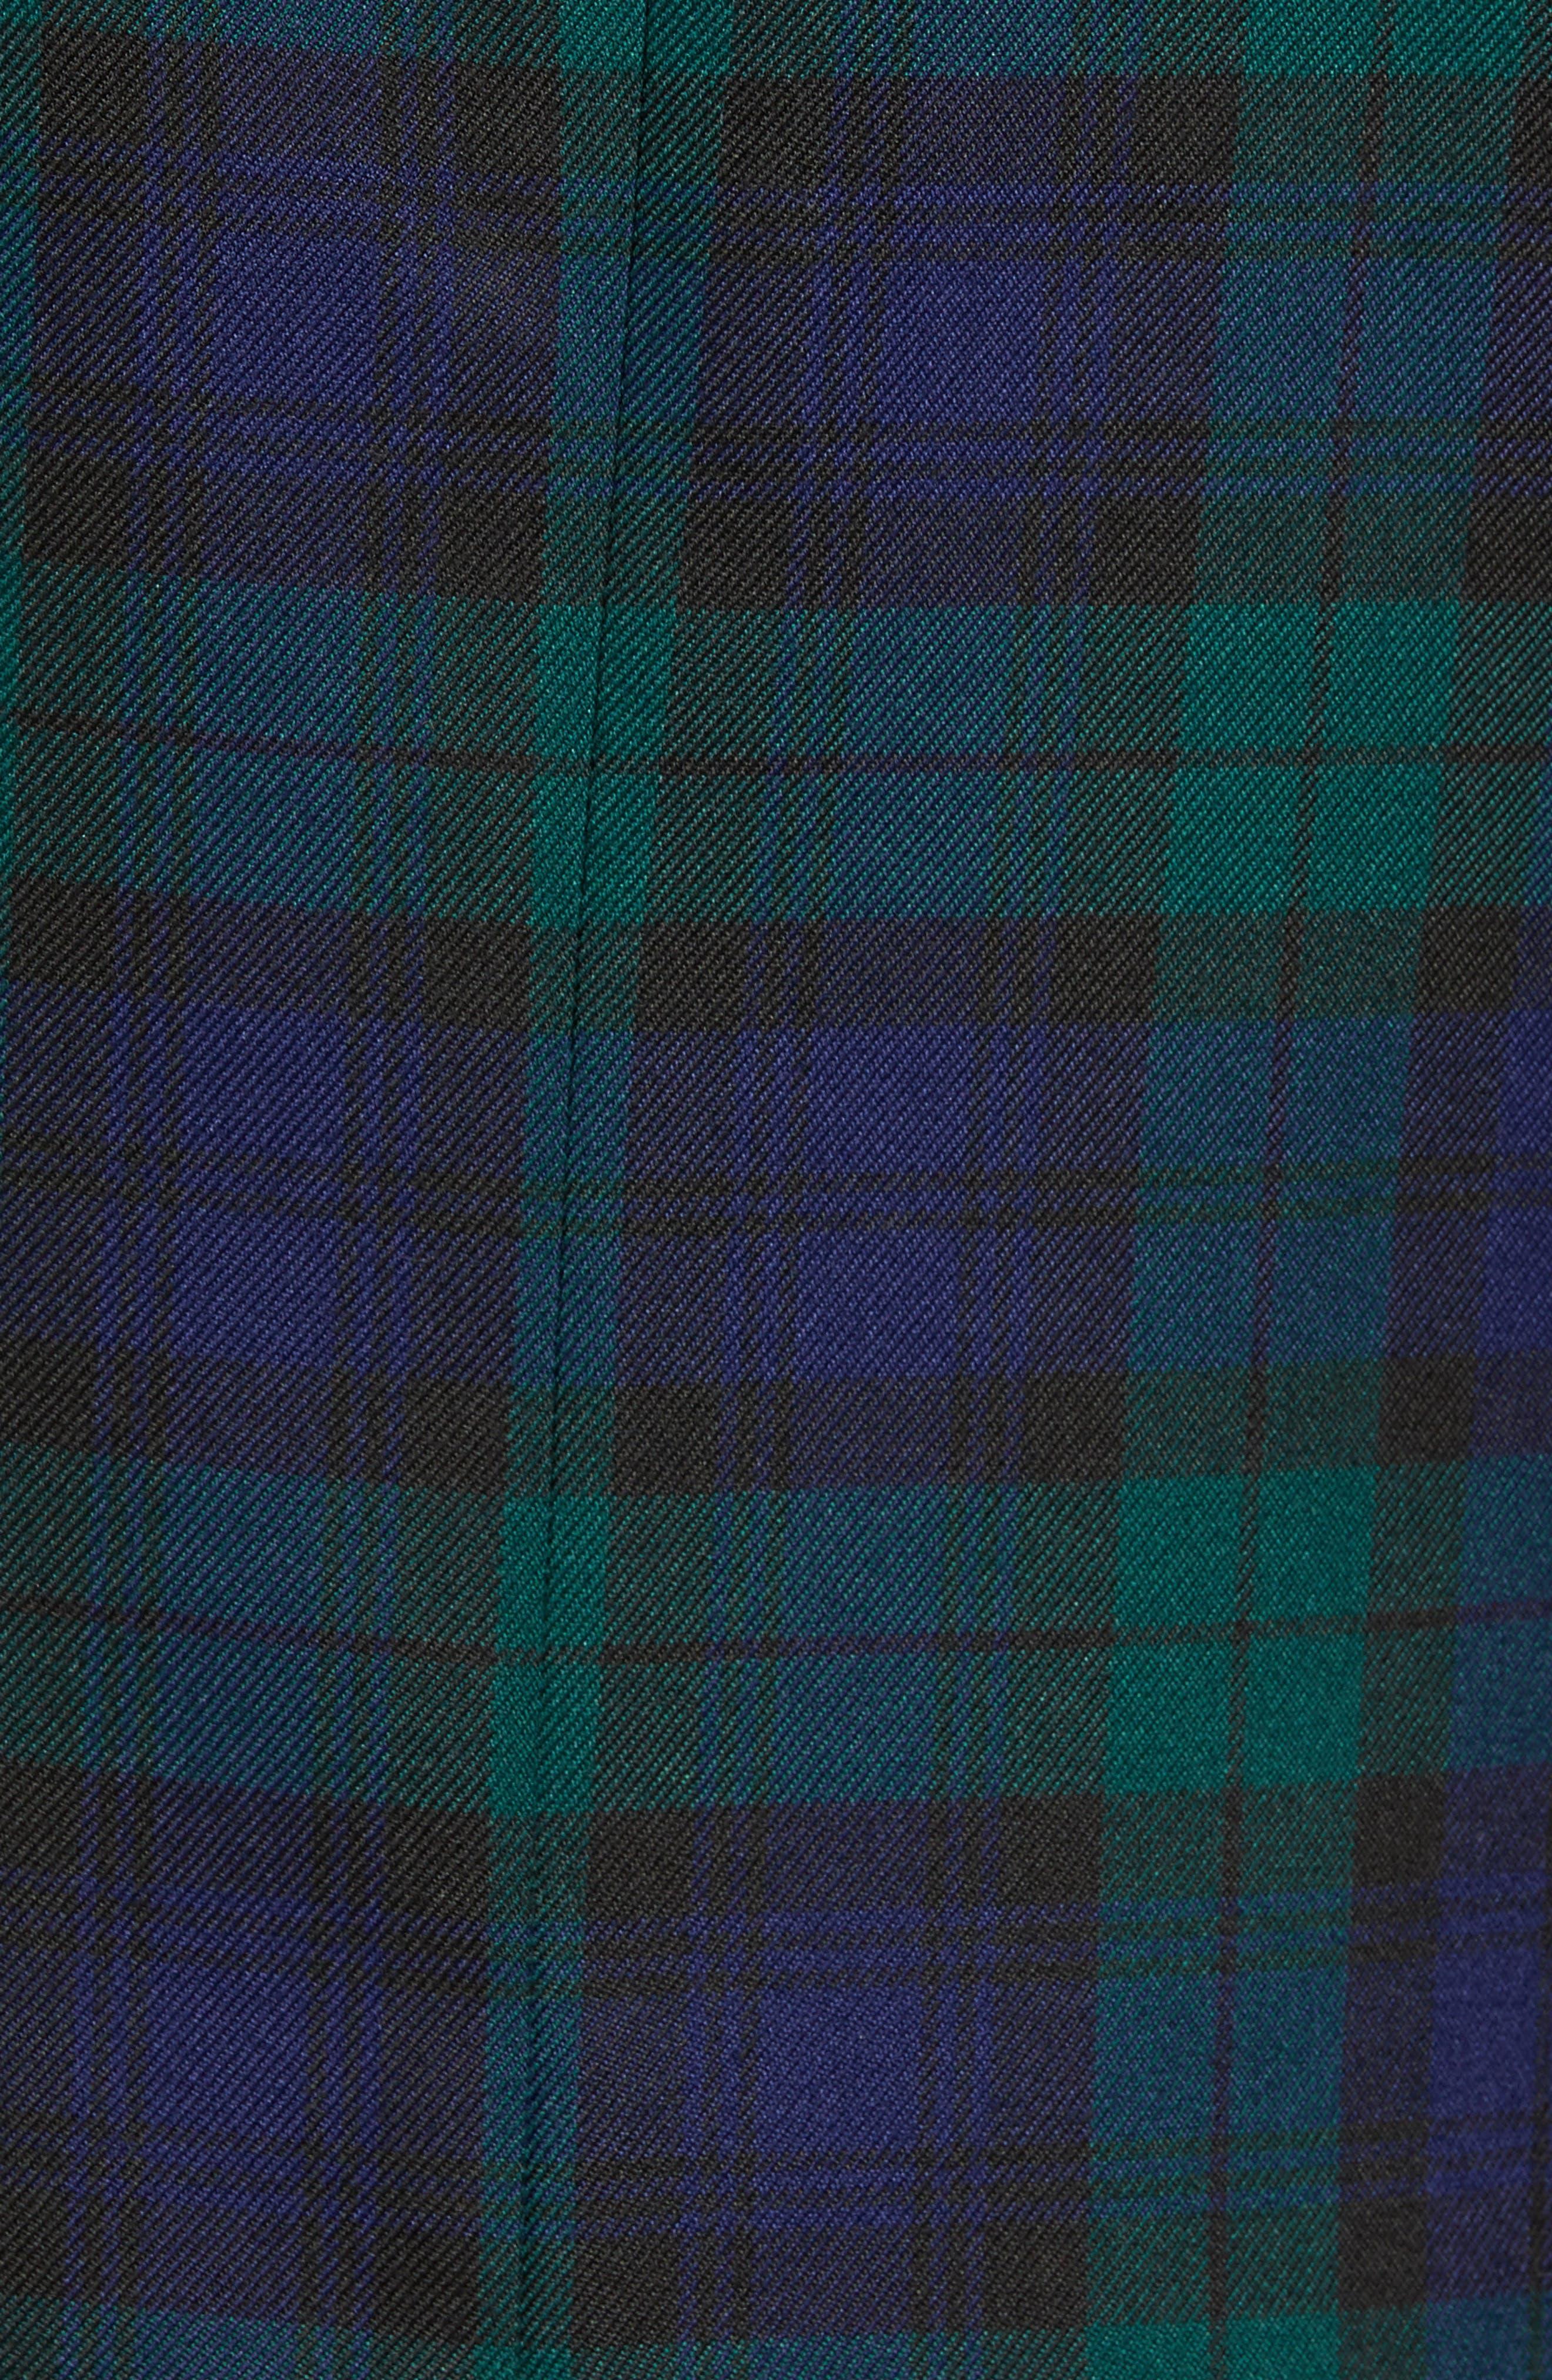 Plaid Slim Fit Suit Jacket,                             Alternate thumbnail 6, color,                             NAVY MULTI